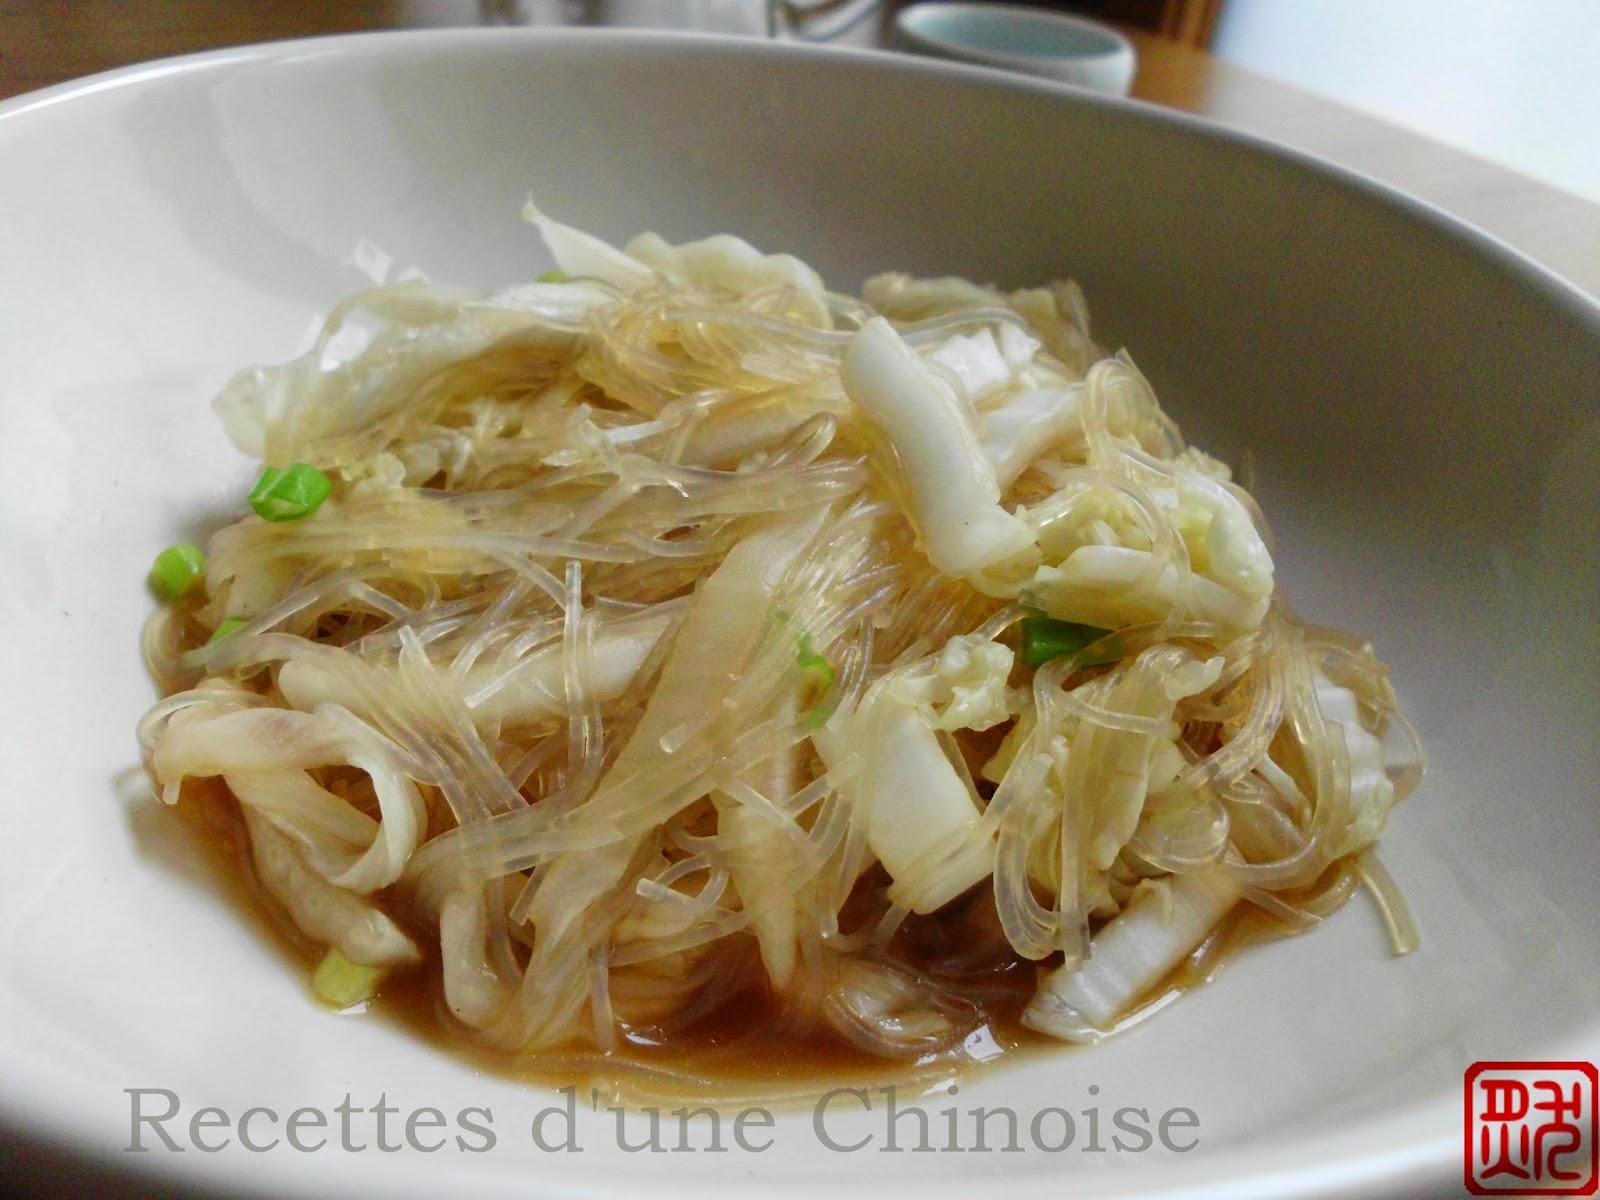 Recettes d 39 une chinoise chou chinois saut aux - Cuisiner du choux chinois ...